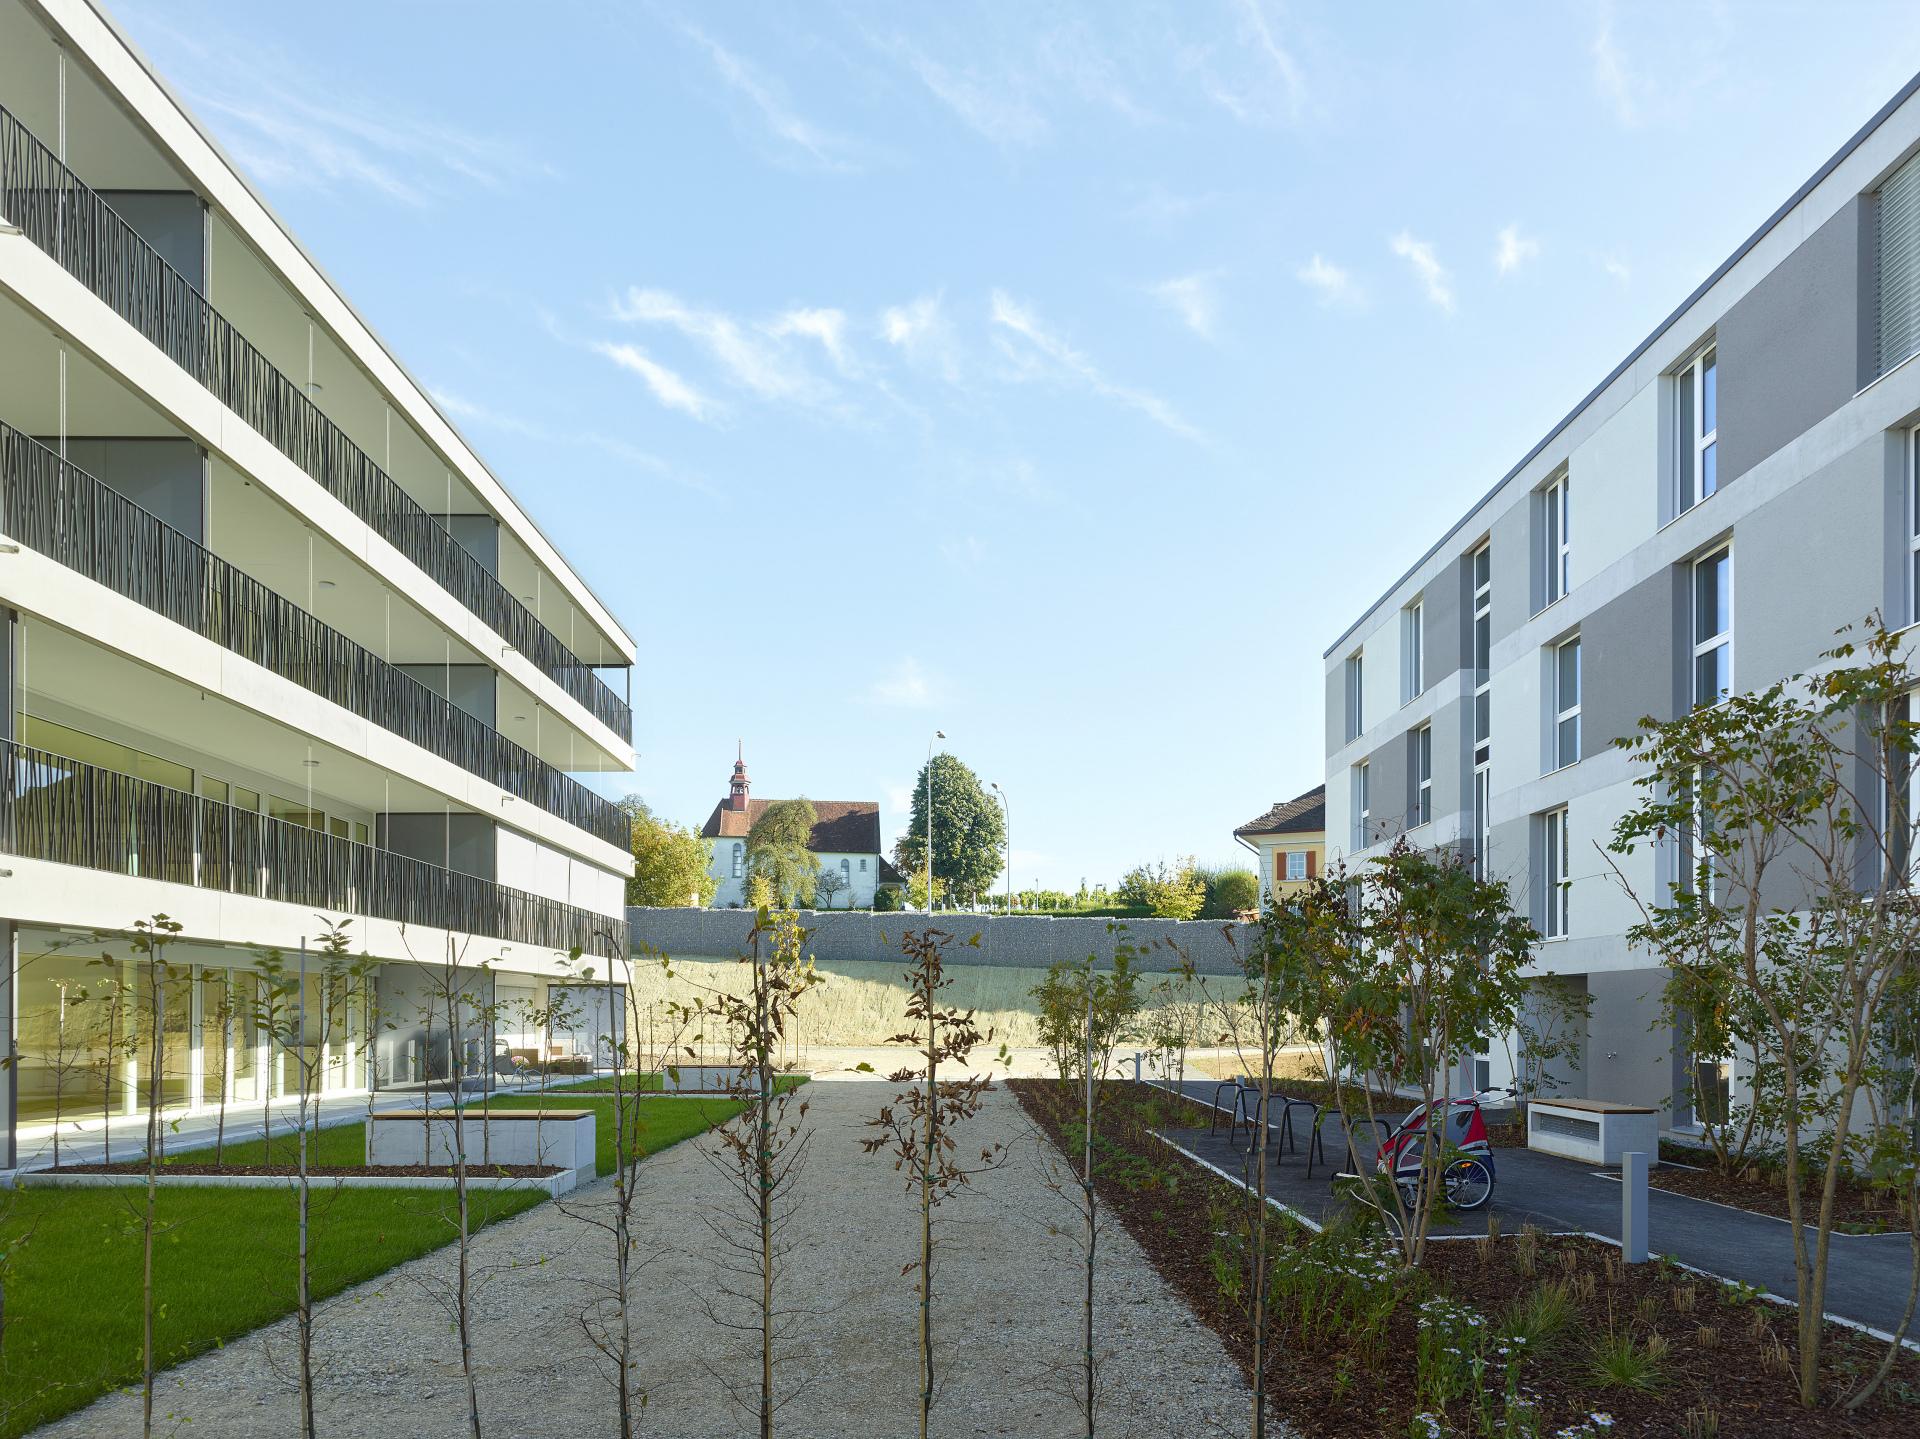 Eigentumswohnungen Sursee, Hofstetterfeld 9